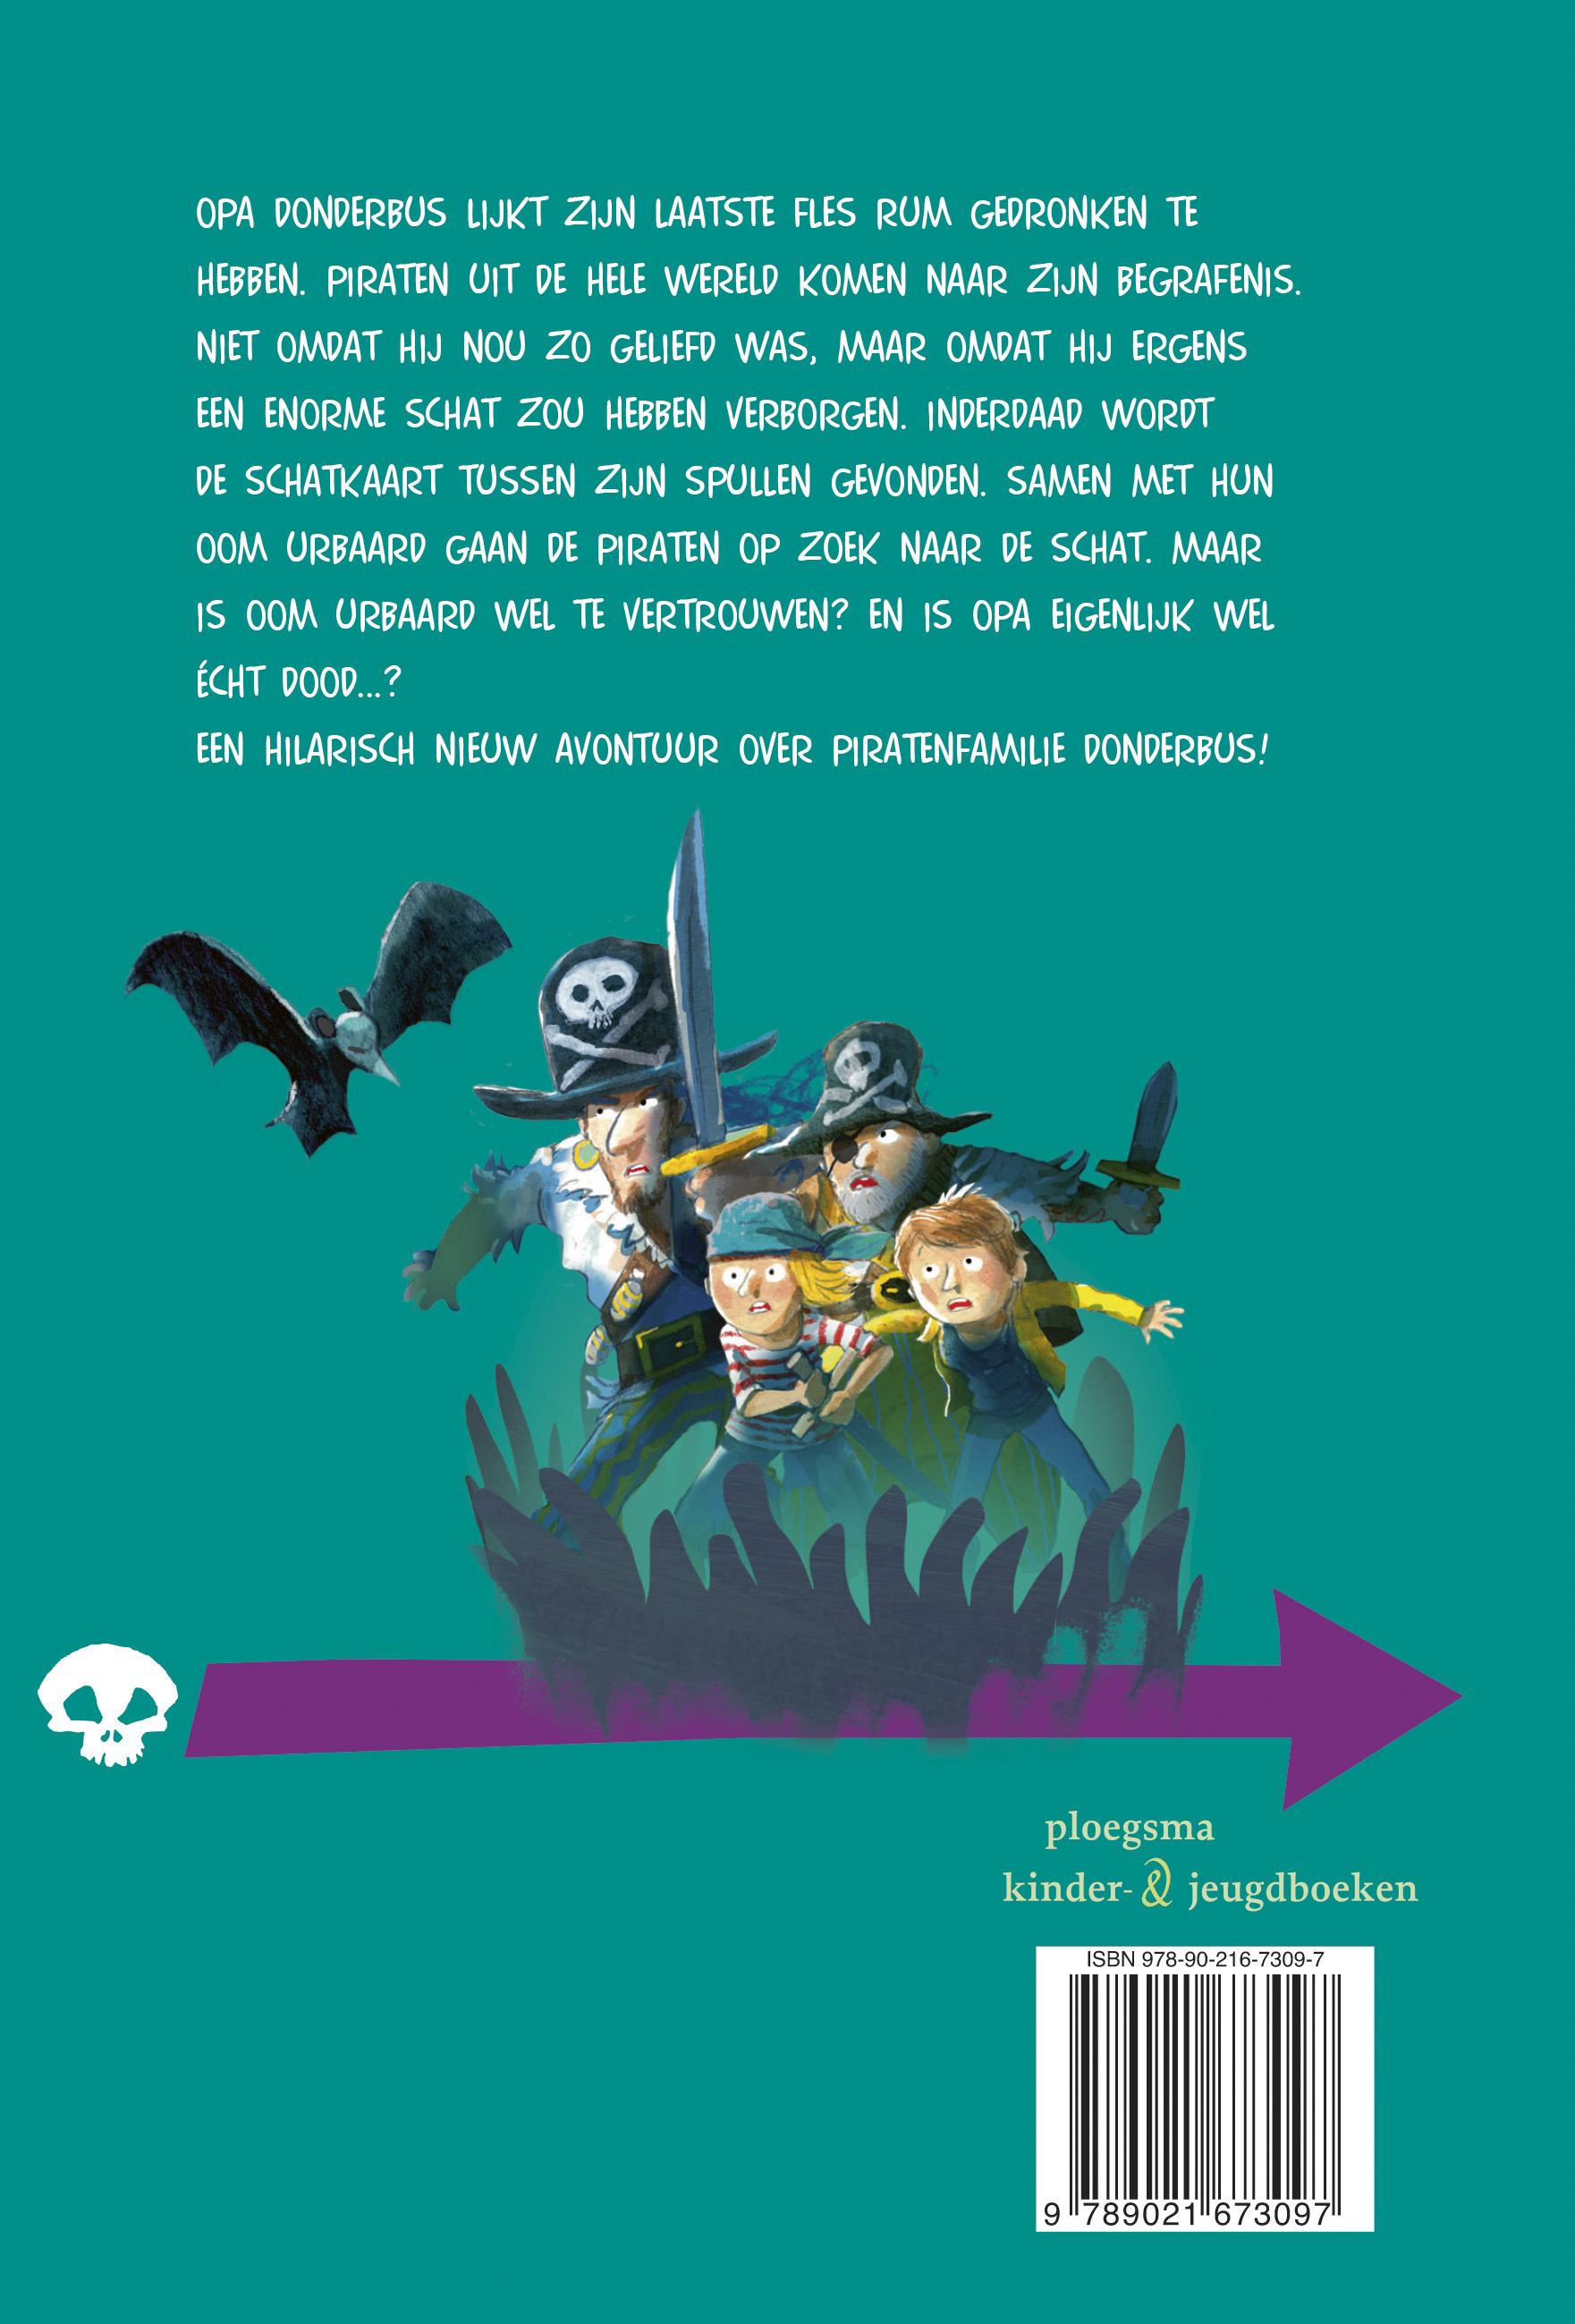 De piraten van hiernaast: Kanonnen op de camping